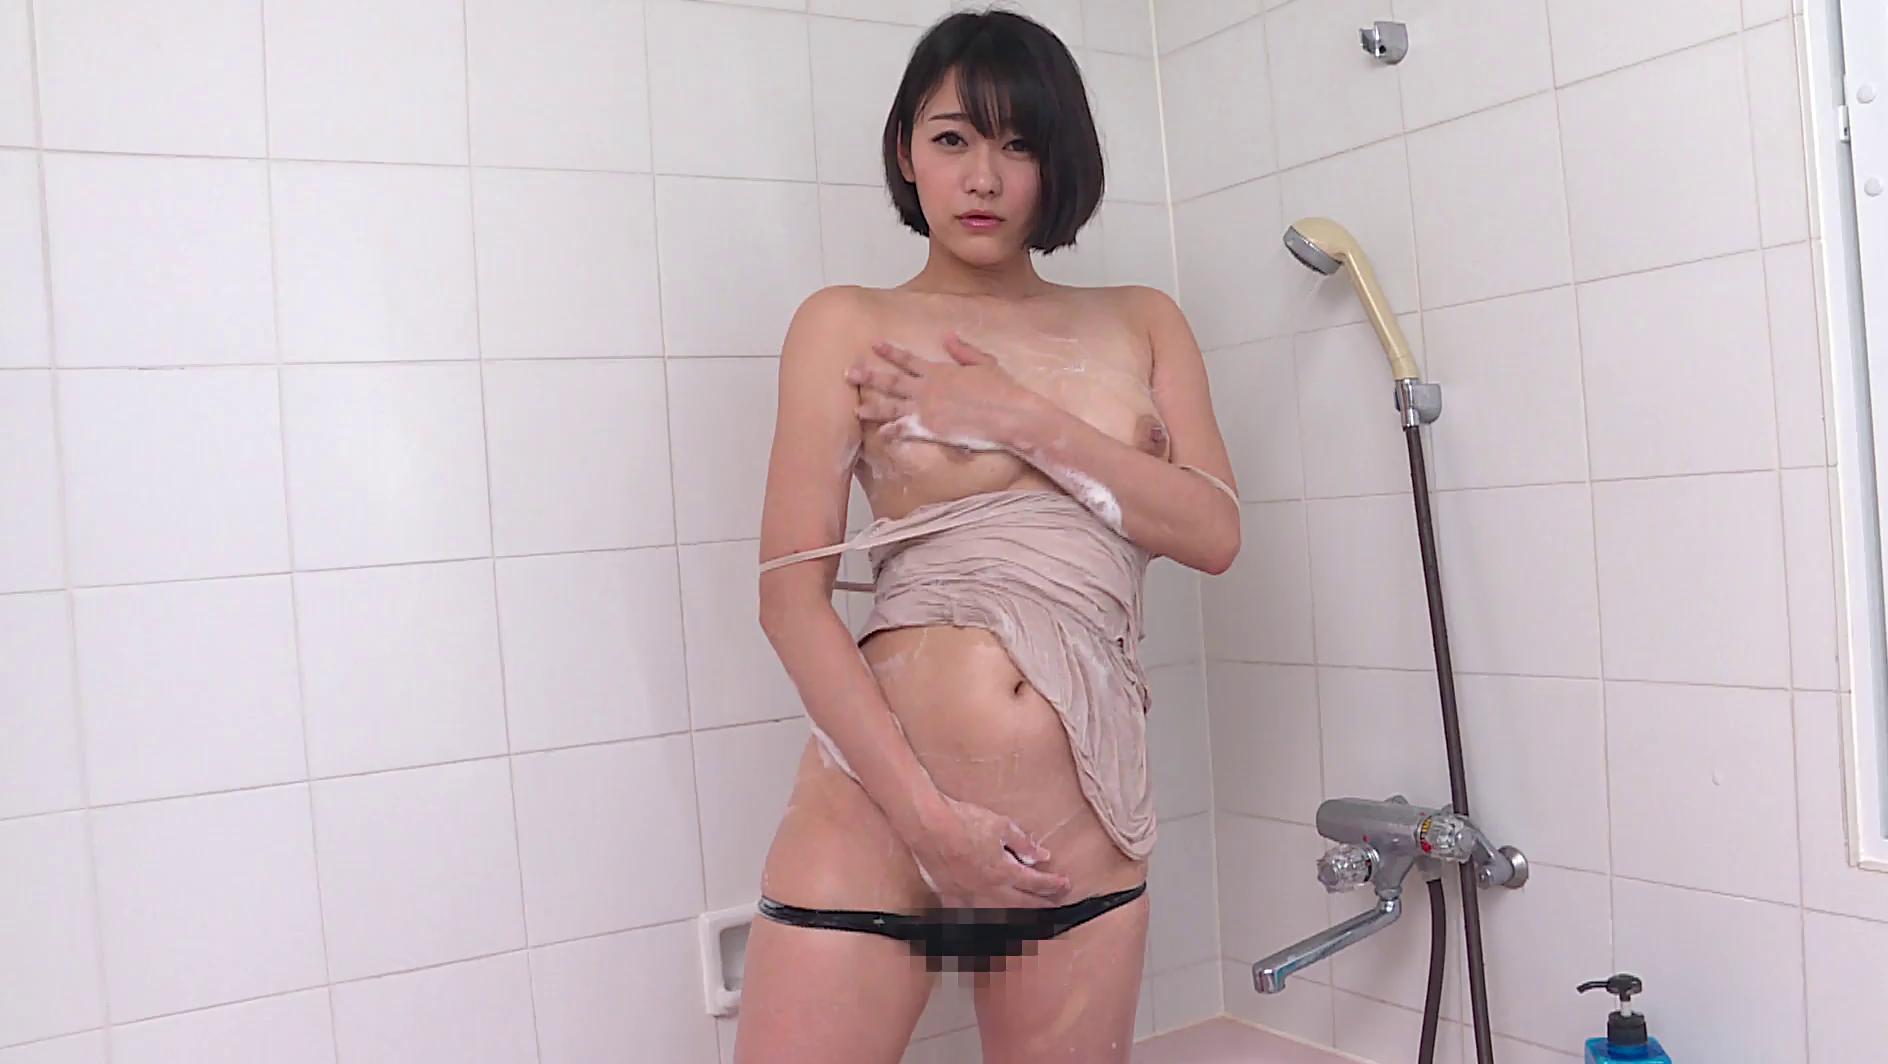 三次元 3次元 エロ画像 AV女優 西野翔 ヌード べっぴん娘通信 066